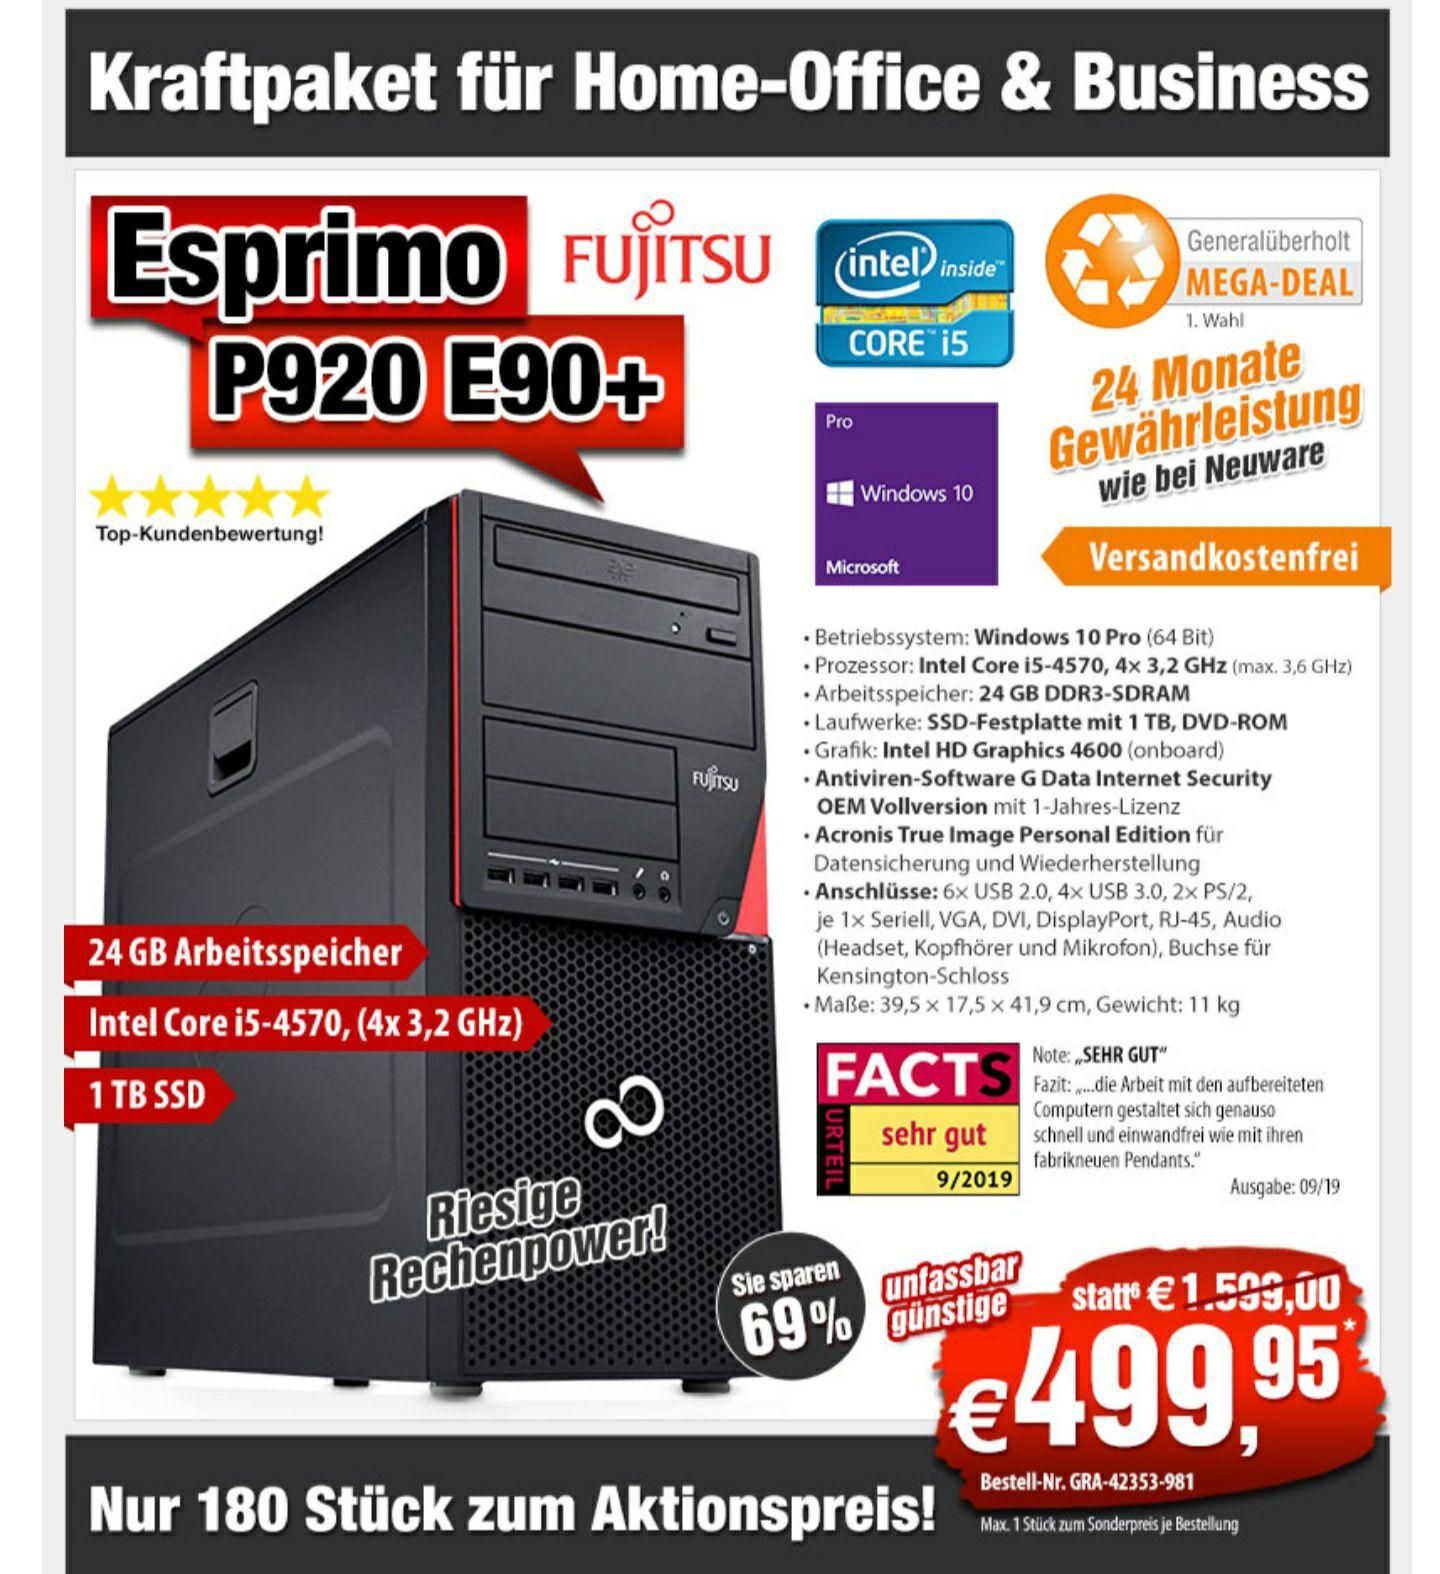 Tower PC Fujitsu Esprimo P920 E90+